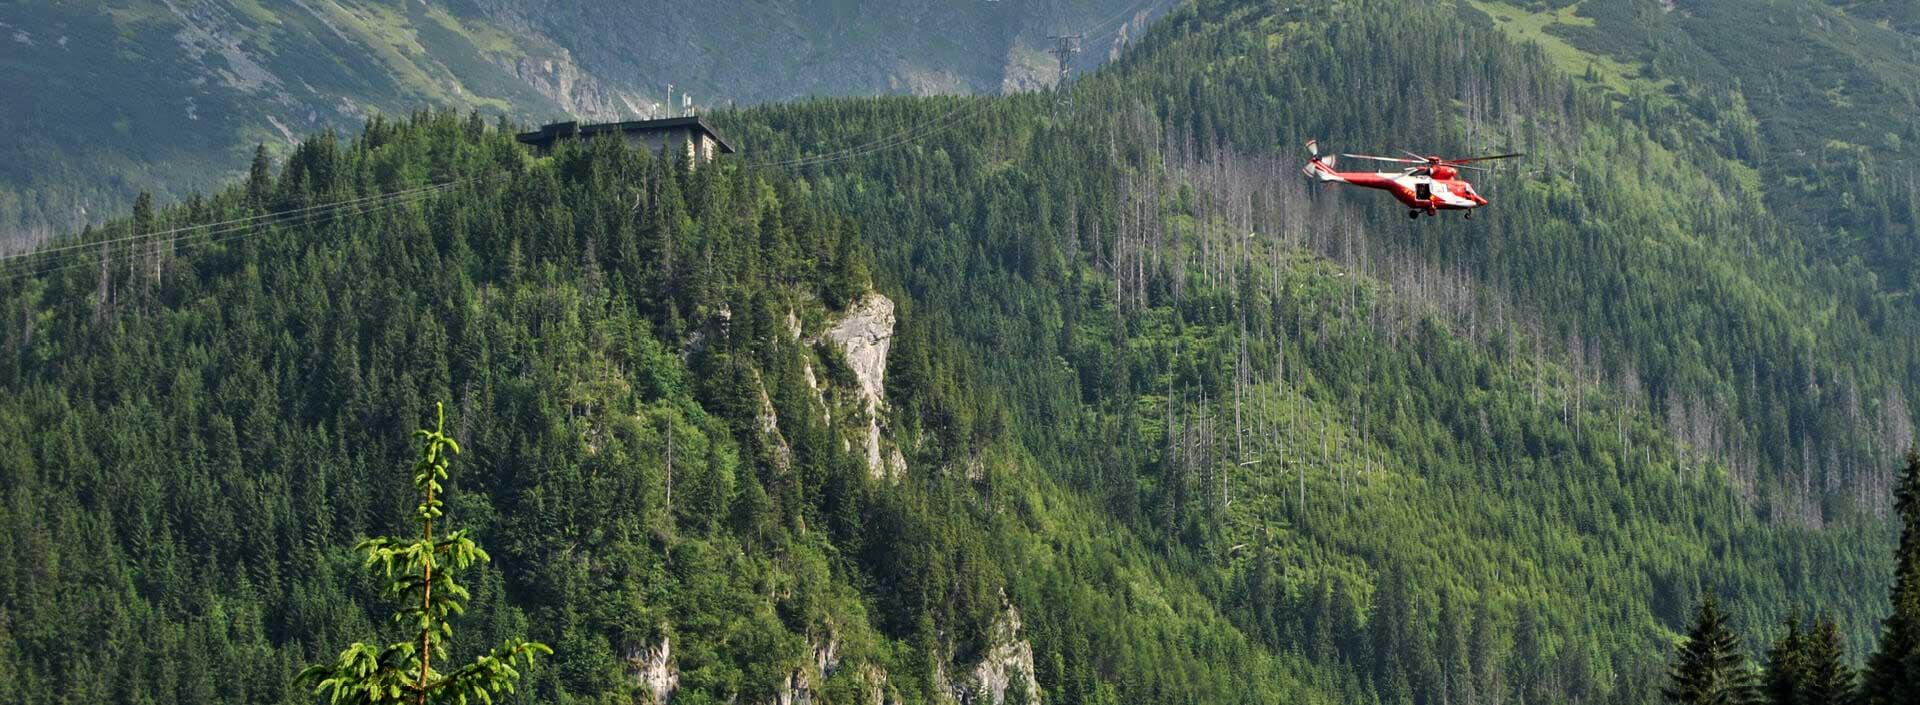 pomoc w górach